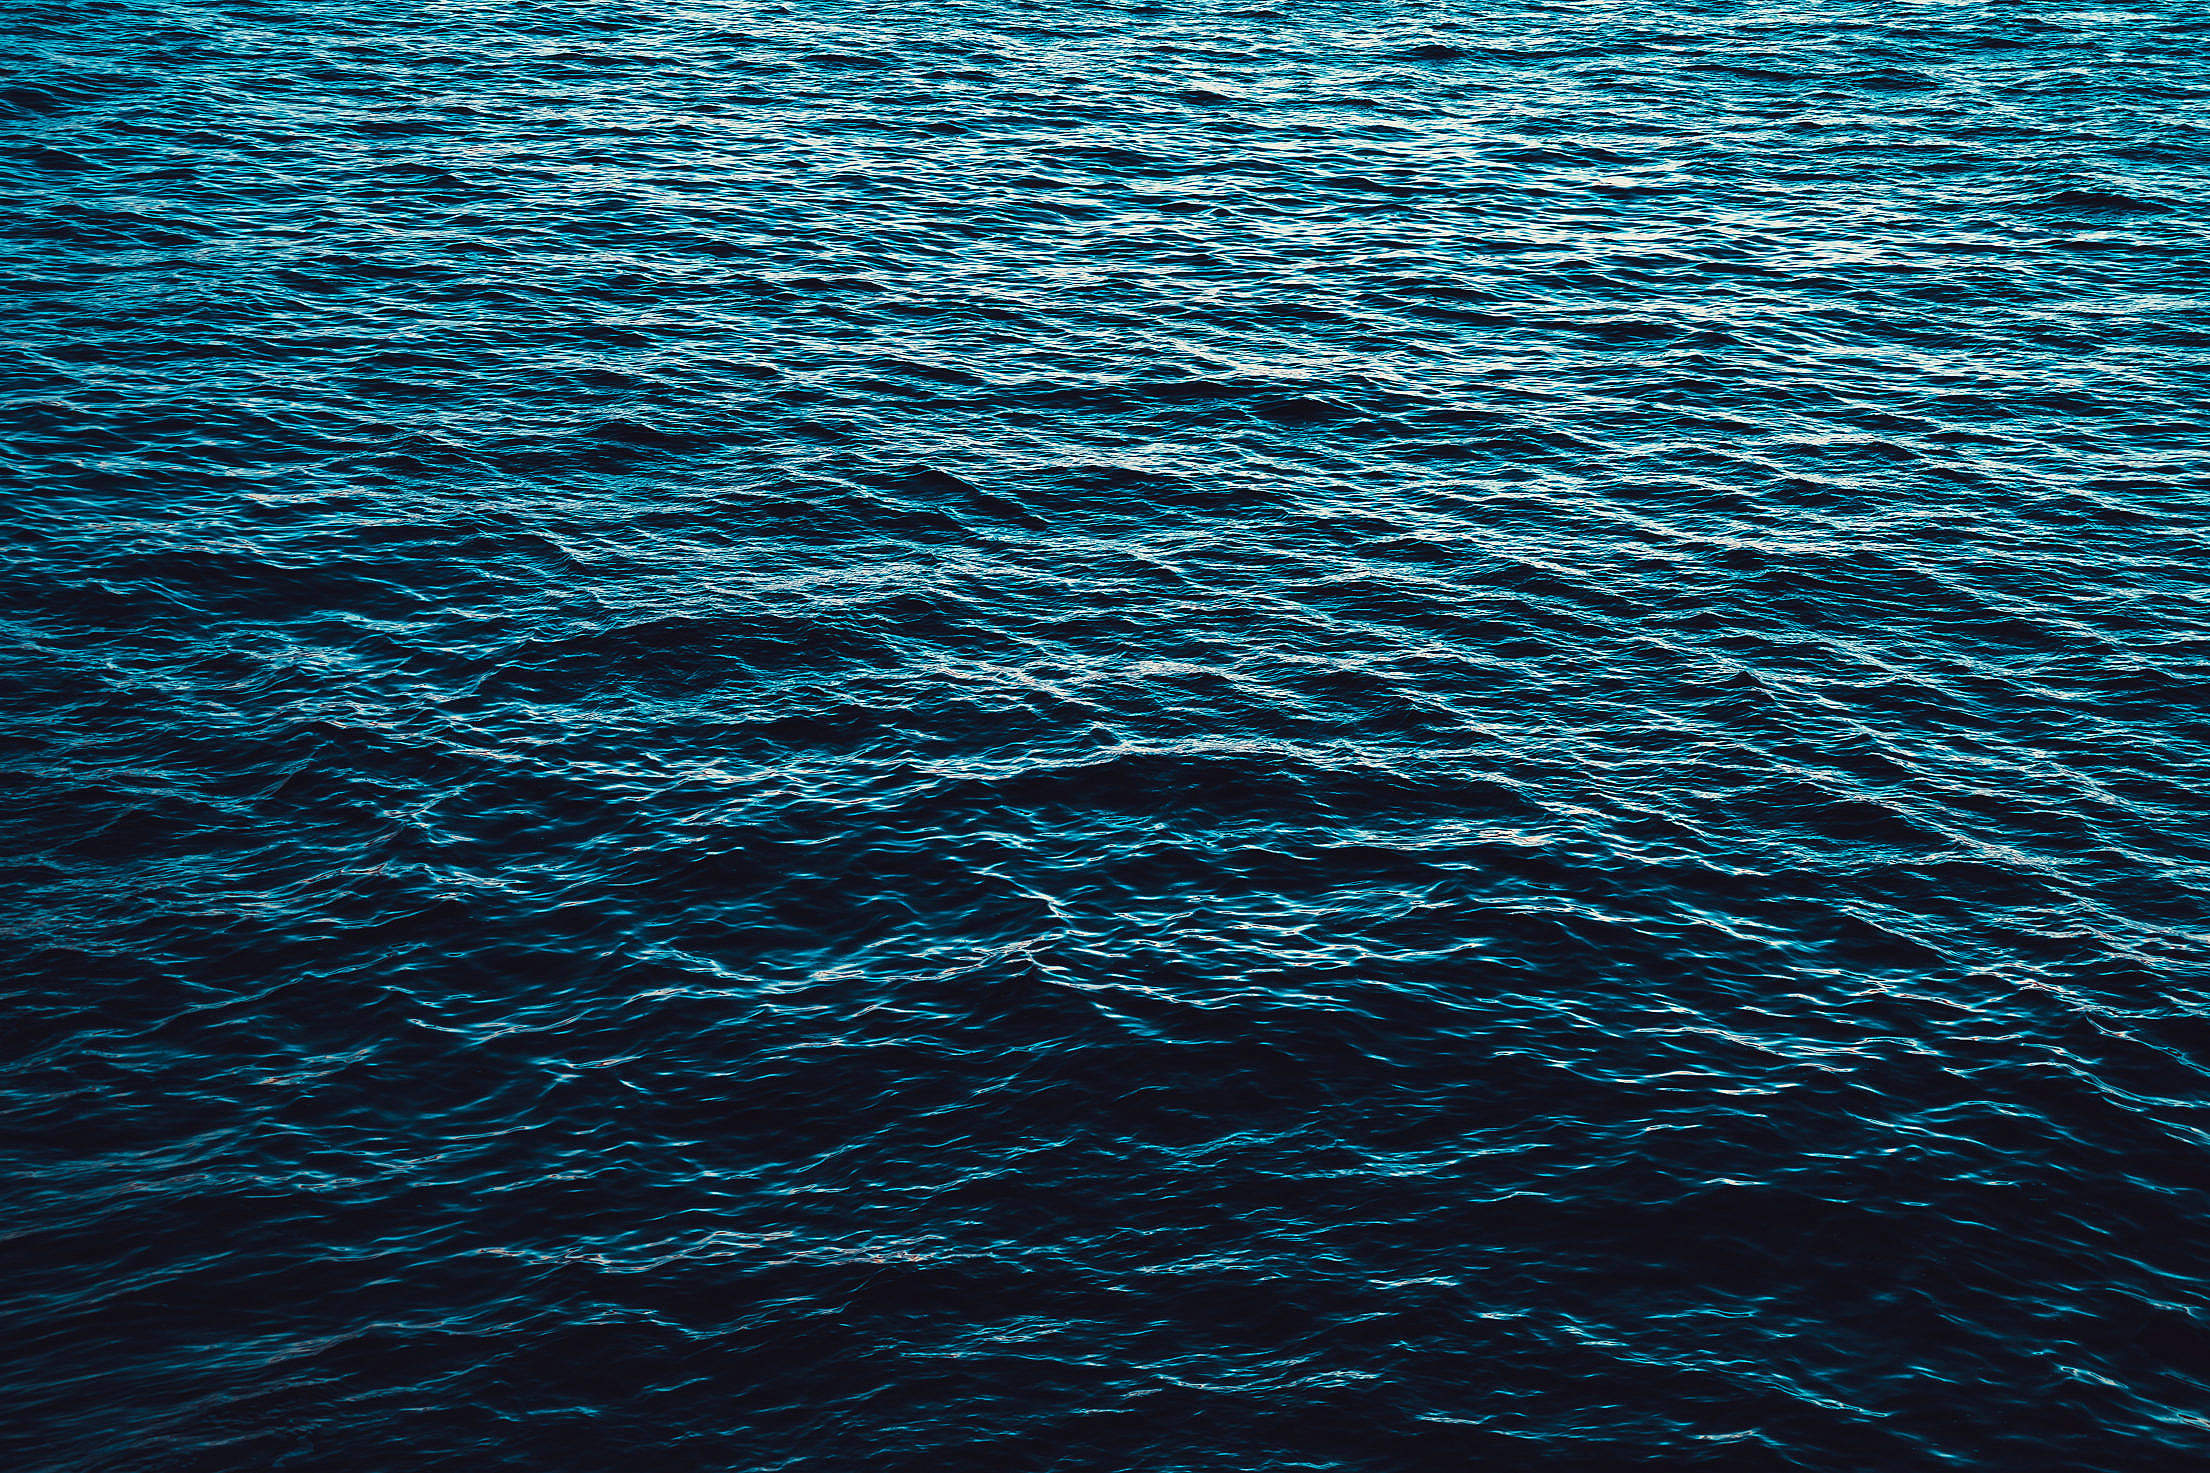 Θάλασσα: Η θάλασσα ως ενισχυτικός παράγοντας ψυχικής υγείας [vid]